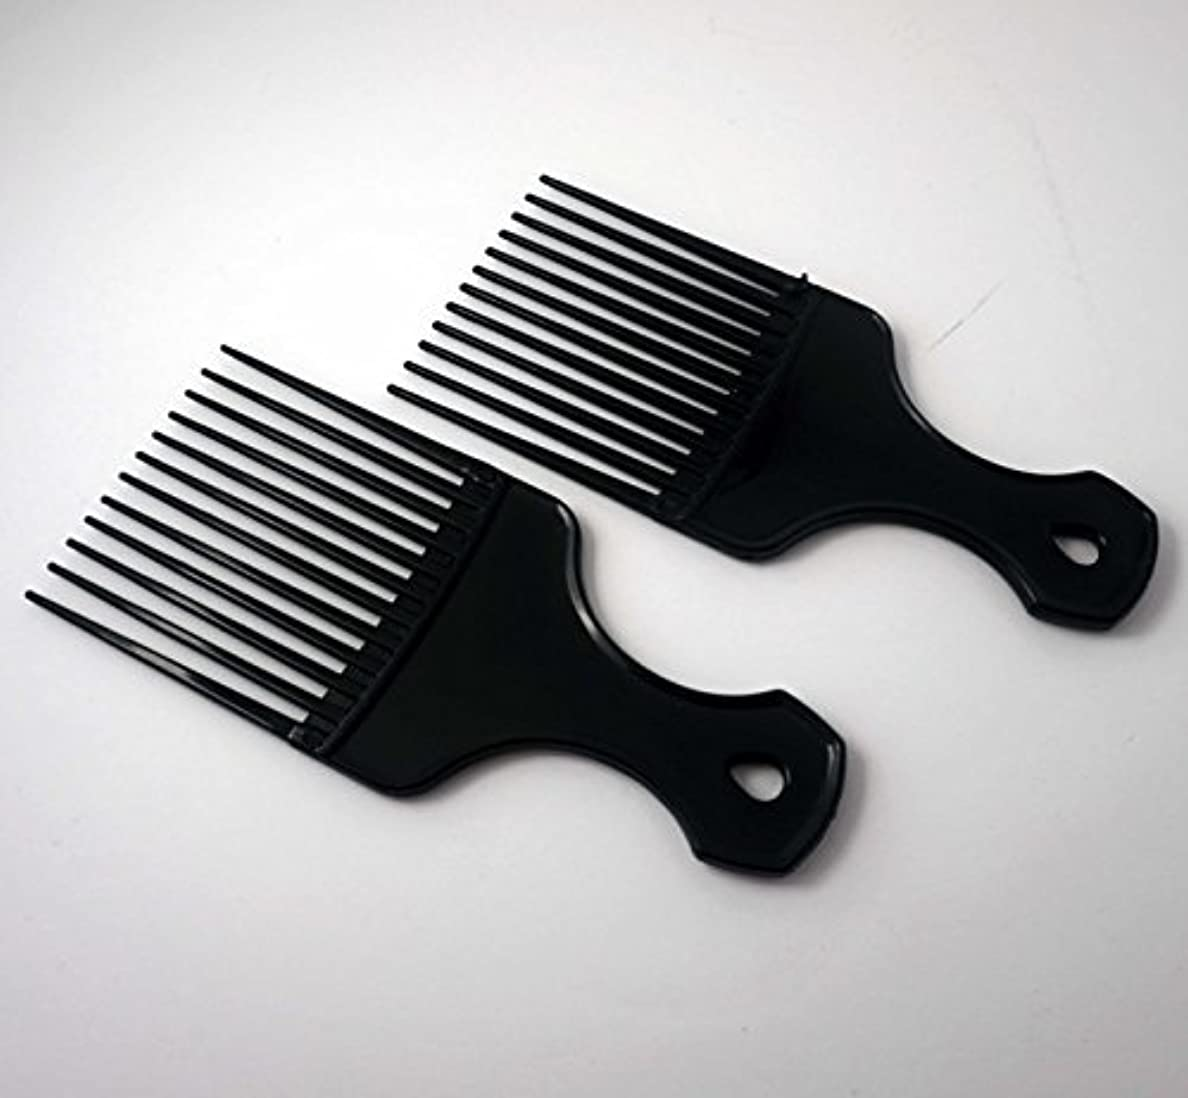 見つけるまだら大砲7in Plastic Pick Comb [並行輸入品]